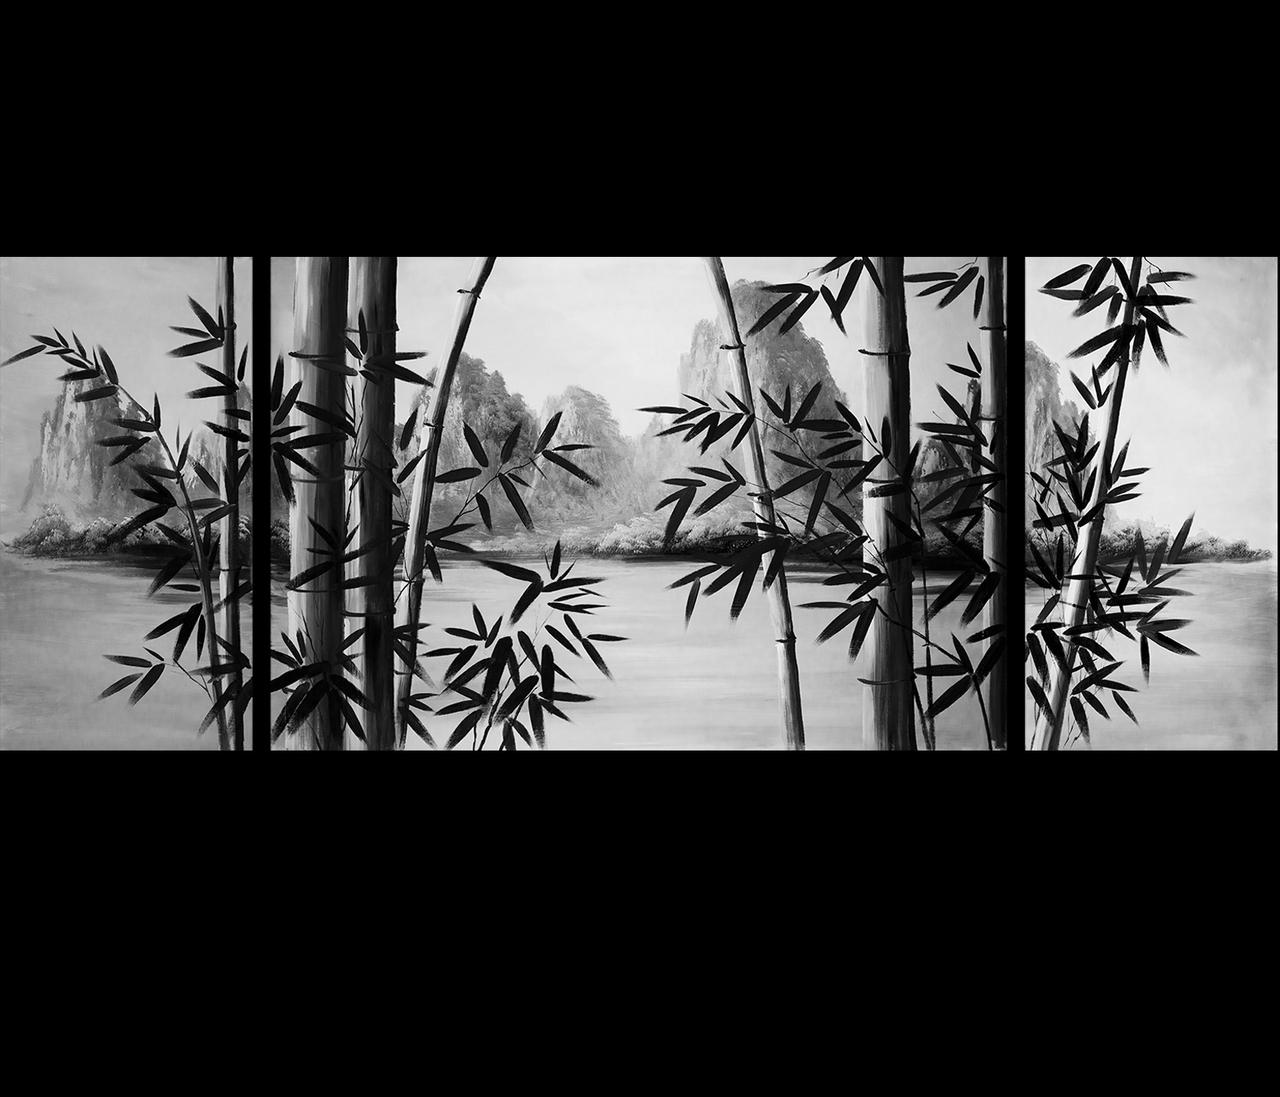 Framed Asian Art Prints For Recent Wall Art Designs: Japanese Wall Art Framed Artwork Canvas Art (View 8 of 15)